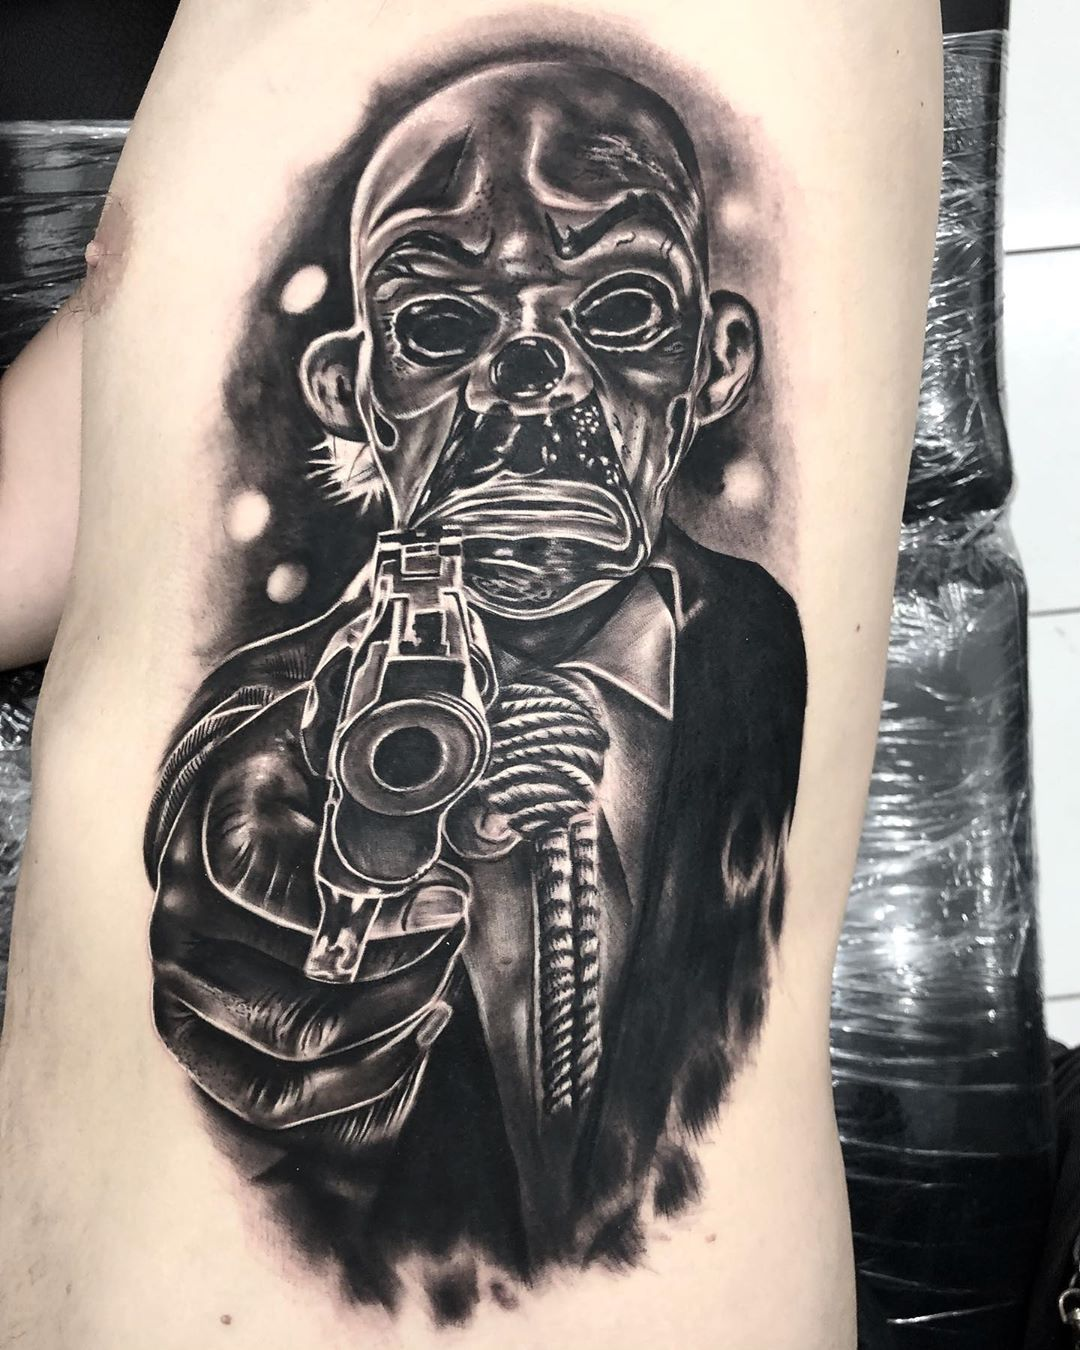 Tristezas ocultas detrás de máscaras con sonrisas 💥 • Trabajo realizado para un amigo y colega muy querido en Tattool 👺 • Visita @tattoolsmokingshop • • • • • • • #tattoo #ink #inked #tattoos #tatuajes #tatuajesecuador #tatuajesmanabi #tatuajesmanta #grey #greywash #greywashtattoo #blackandgreytattoo #blackandgrey #realismo #realism #realismotattoo #realismogrises #tattooart #tattooartist